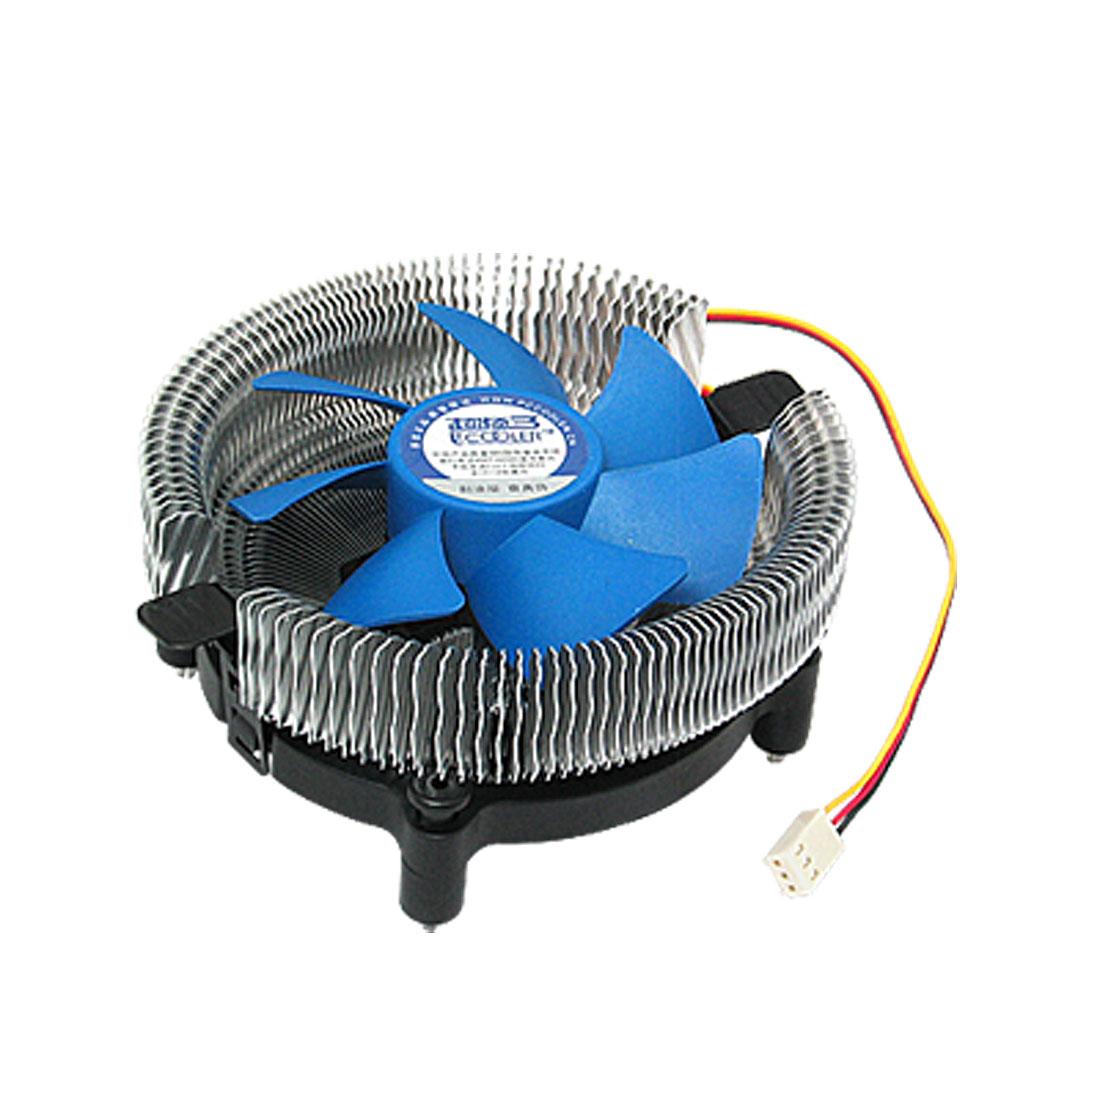 DC 12V 3 Pole CPU Heaksink Cooler for Intel LGA 1155/1156/AMD Socket